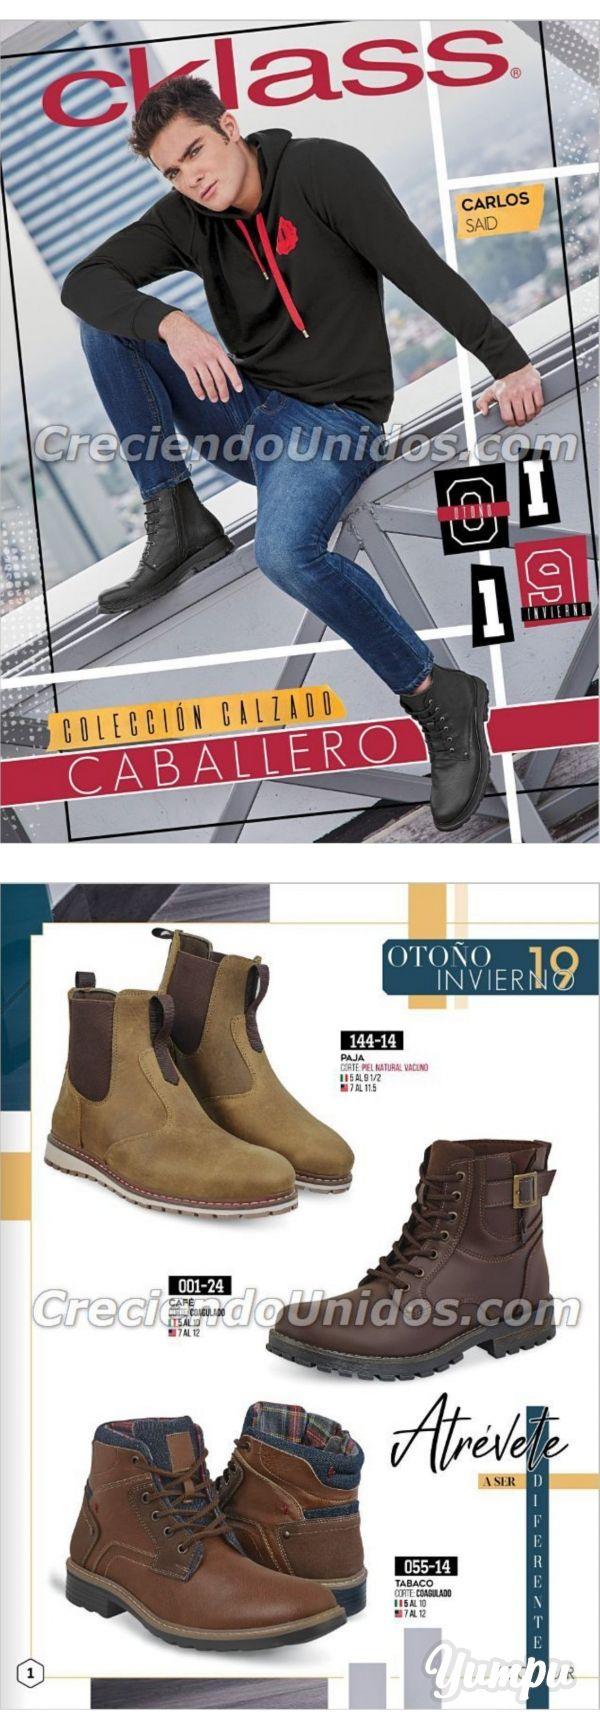 688 Cklass Caballero 2019 Precios De Mayoreo En Usa Magazine With 95 Pages 688 Cklass Caballero 2019 Precios De Mayore Catalogos Cklass Caballeros Mayoreo